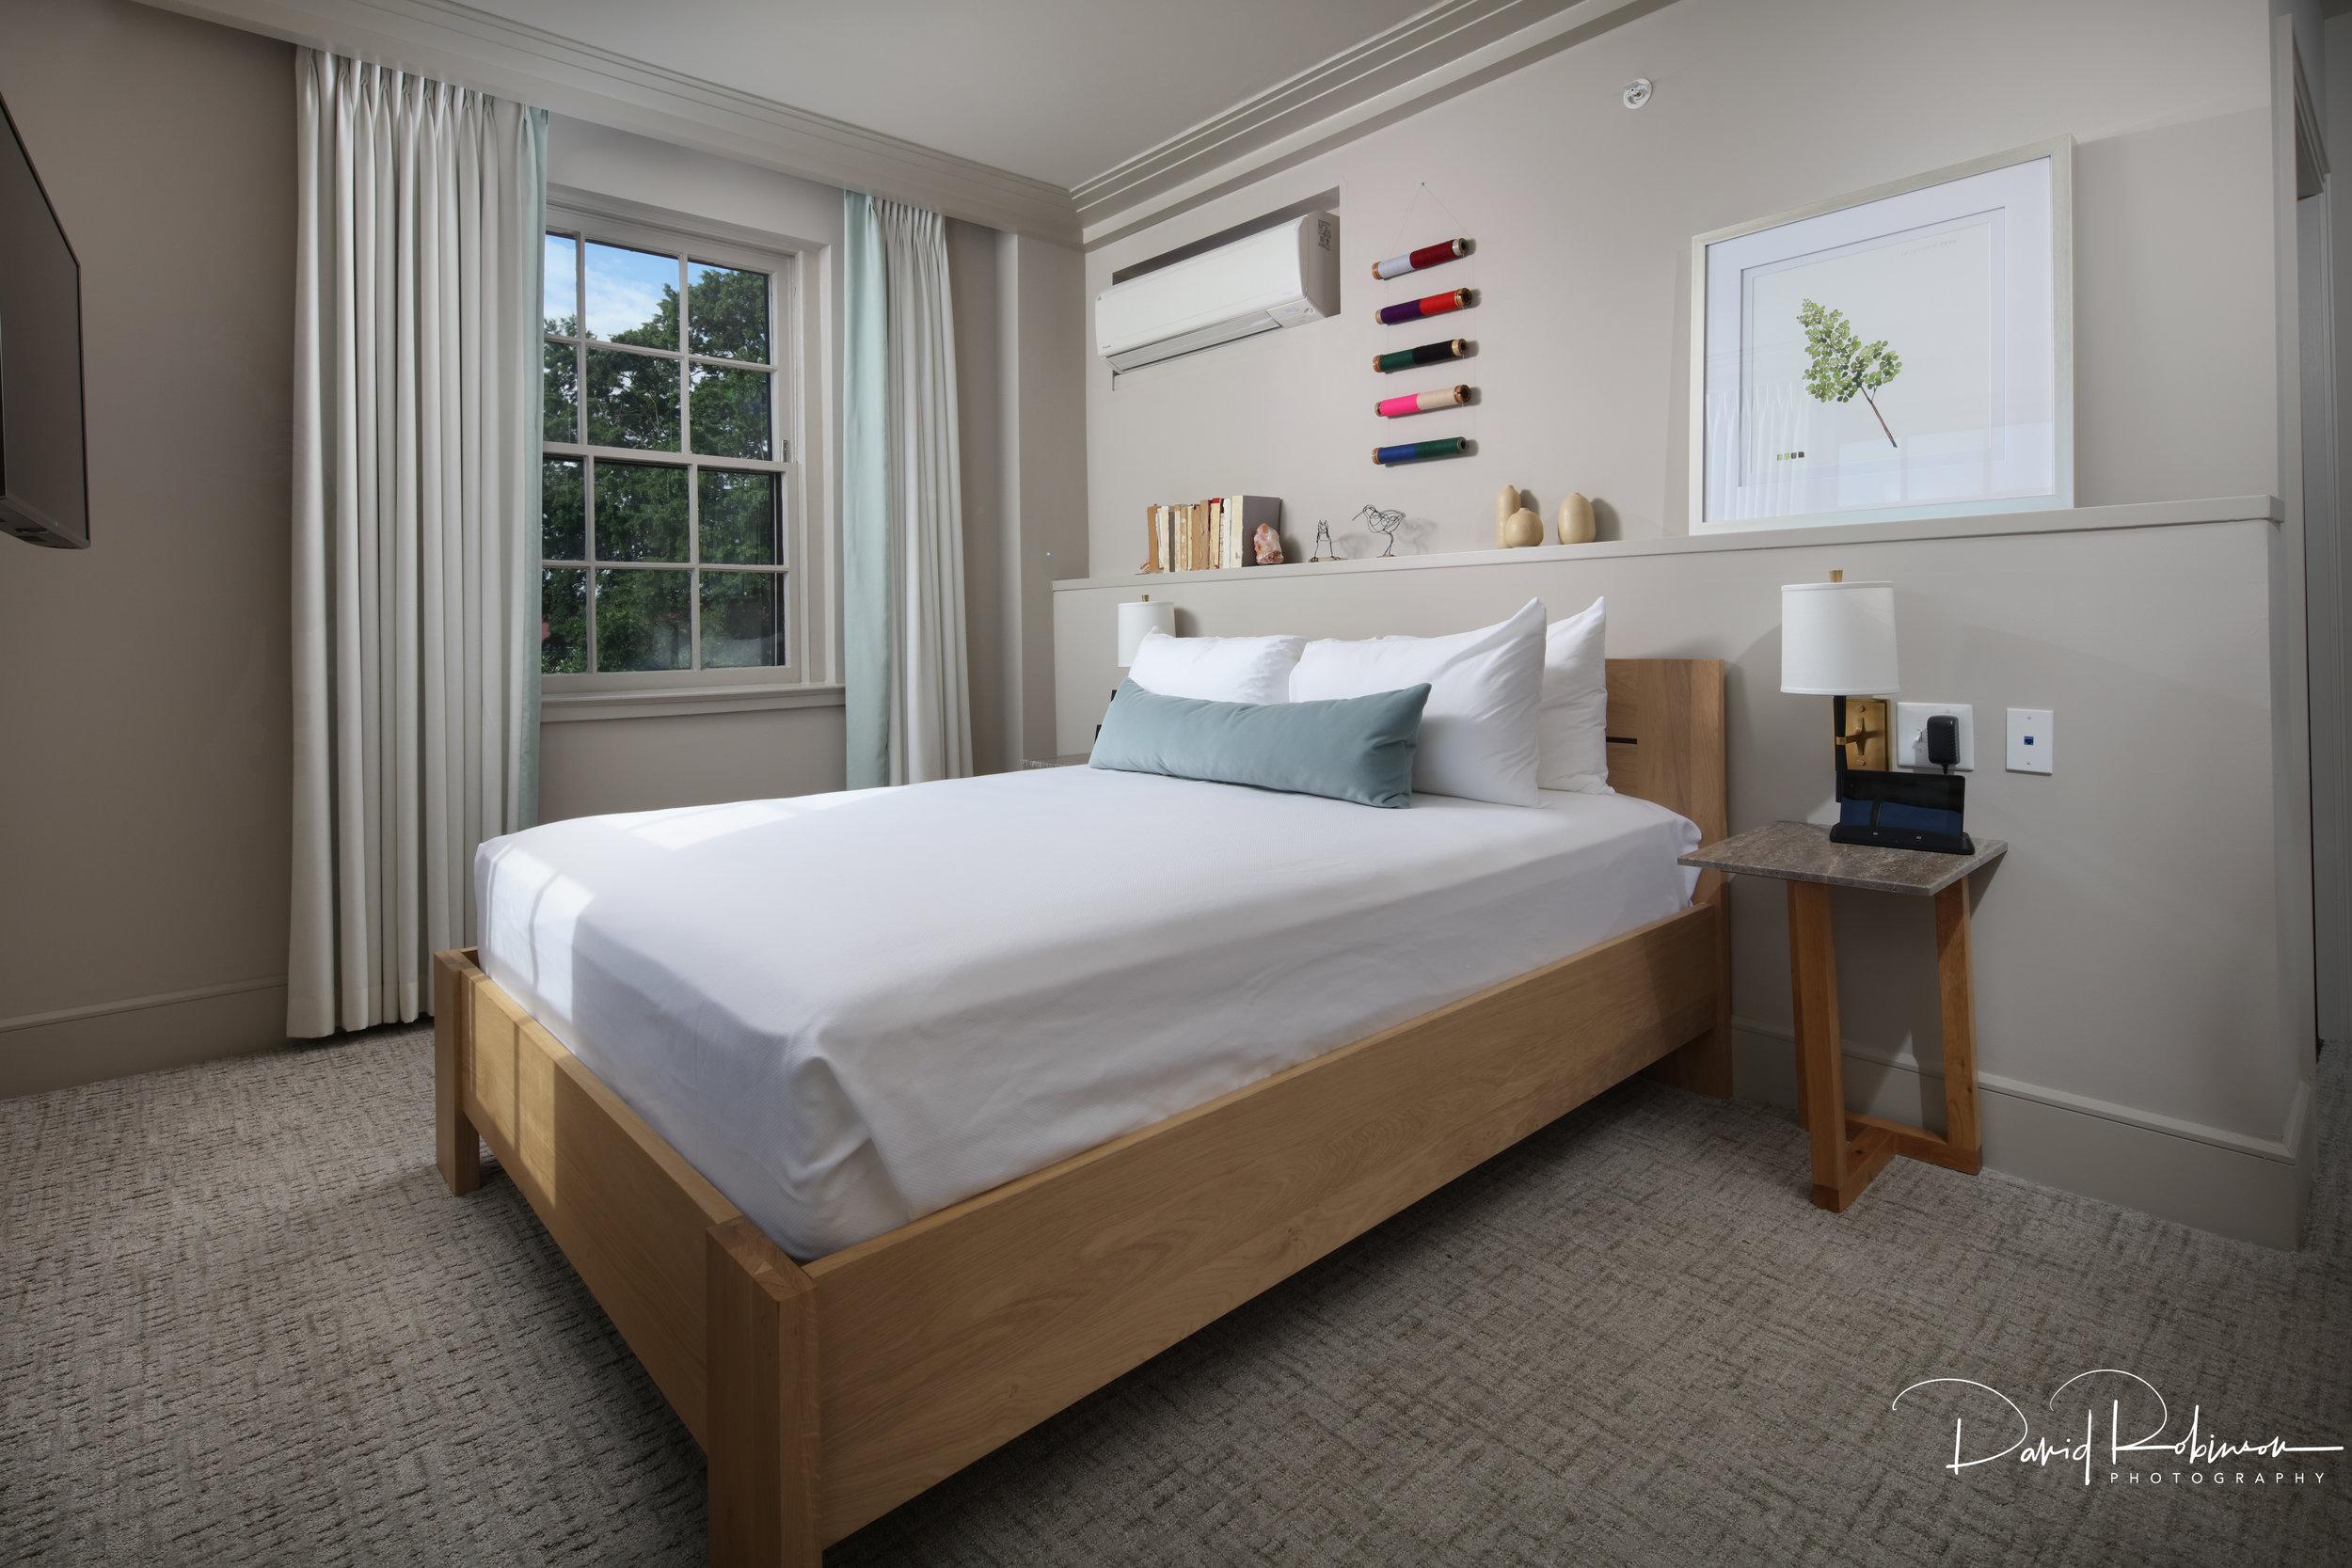 Hotel Weynoke (7 of 29).jpg